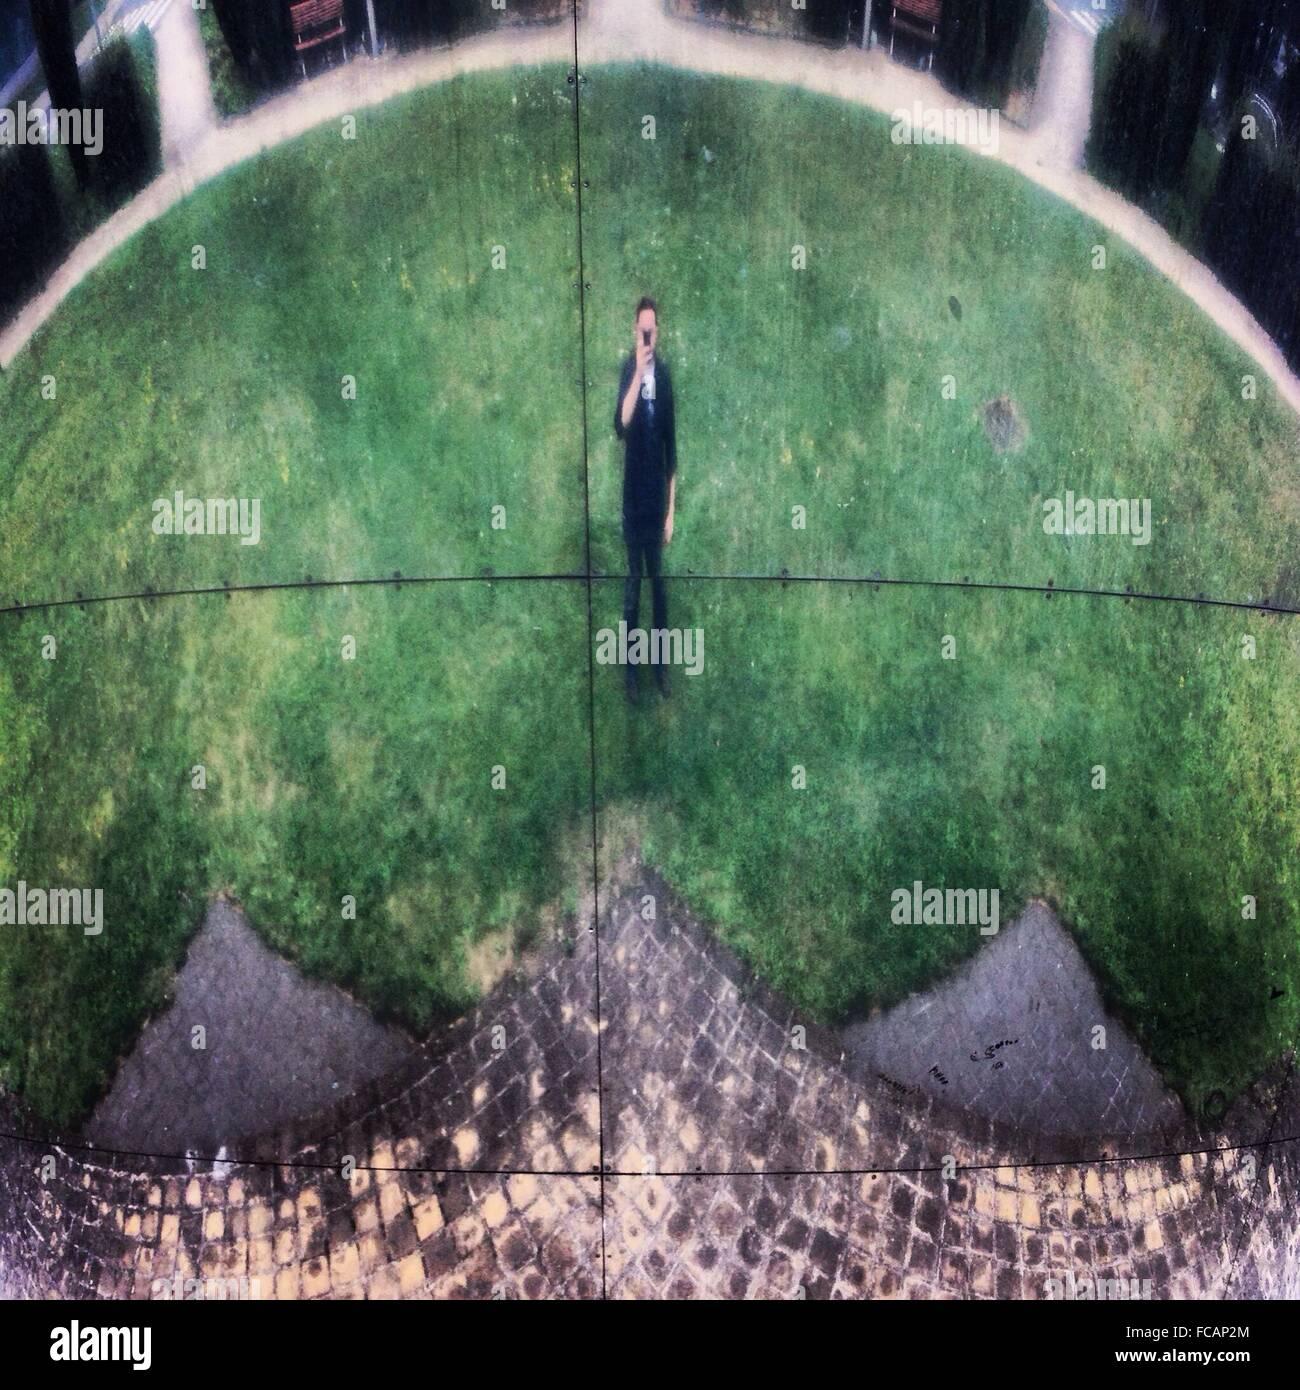 L'uomo sul prato attraverso la lente fisheye Immagini Stock